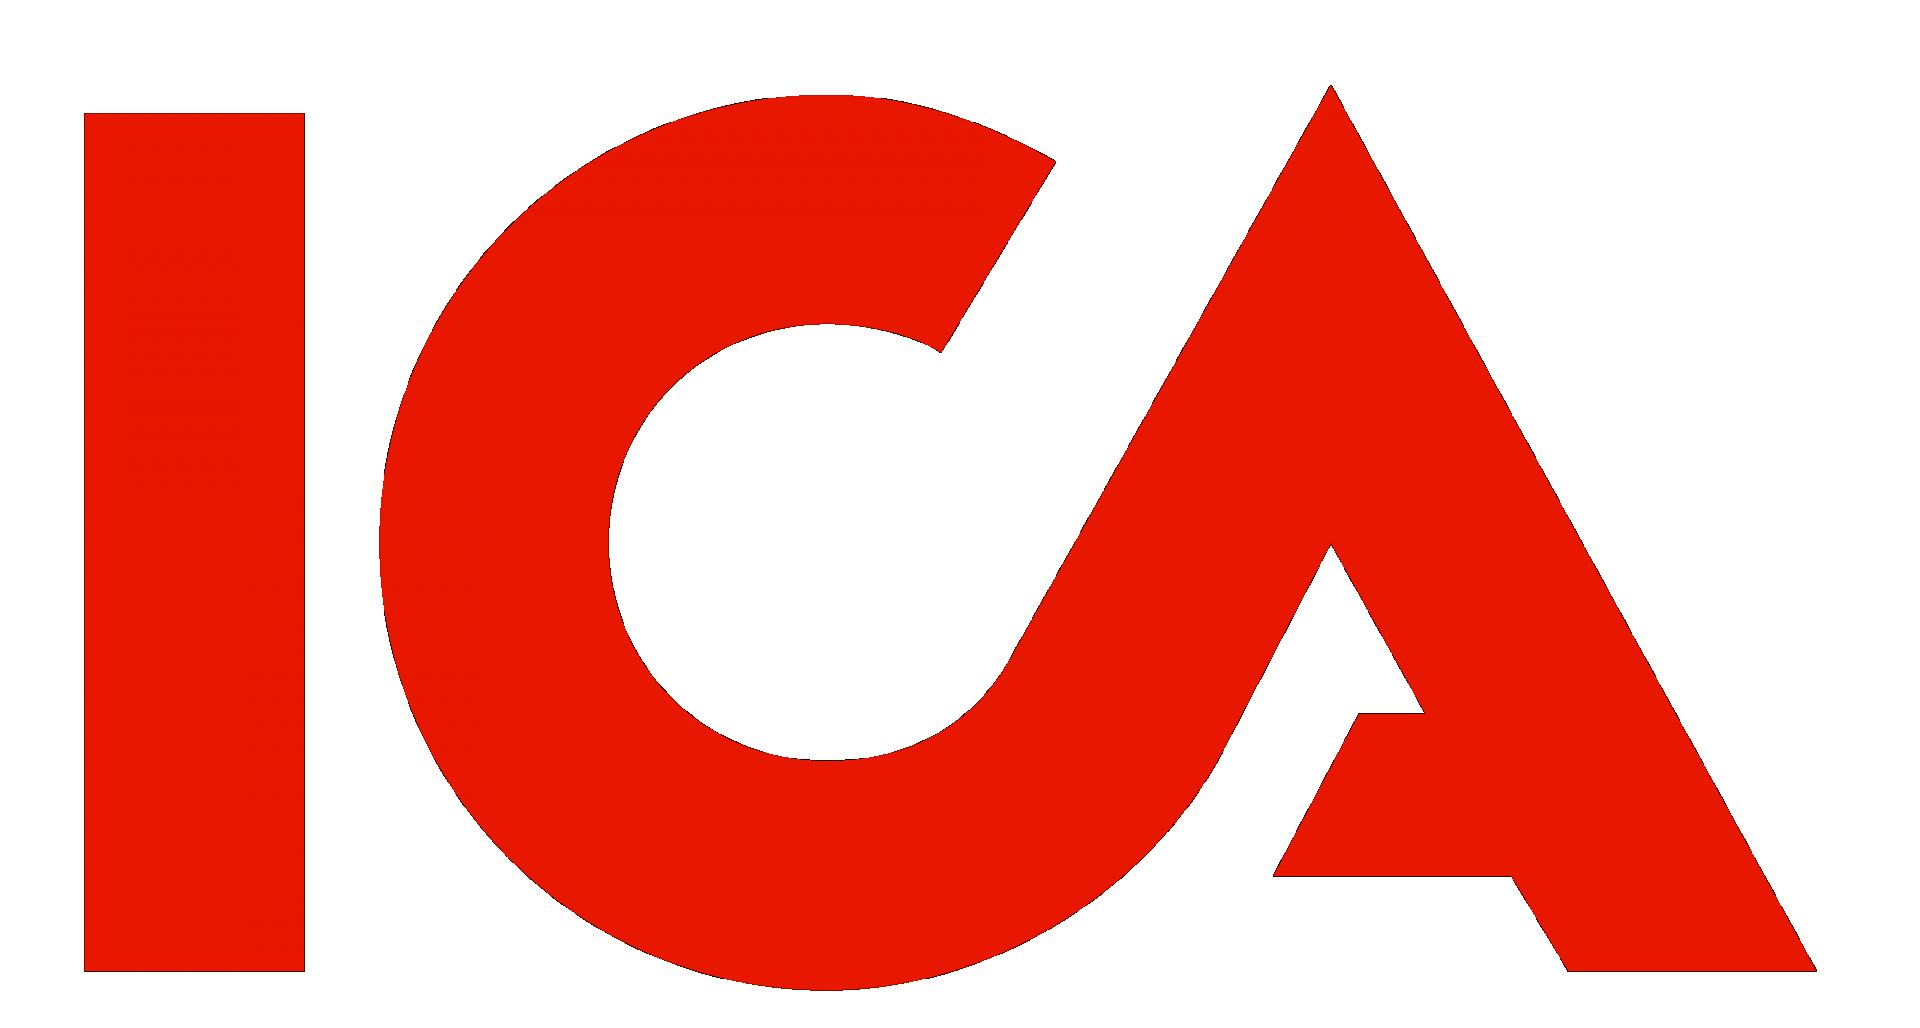 icalogotyp